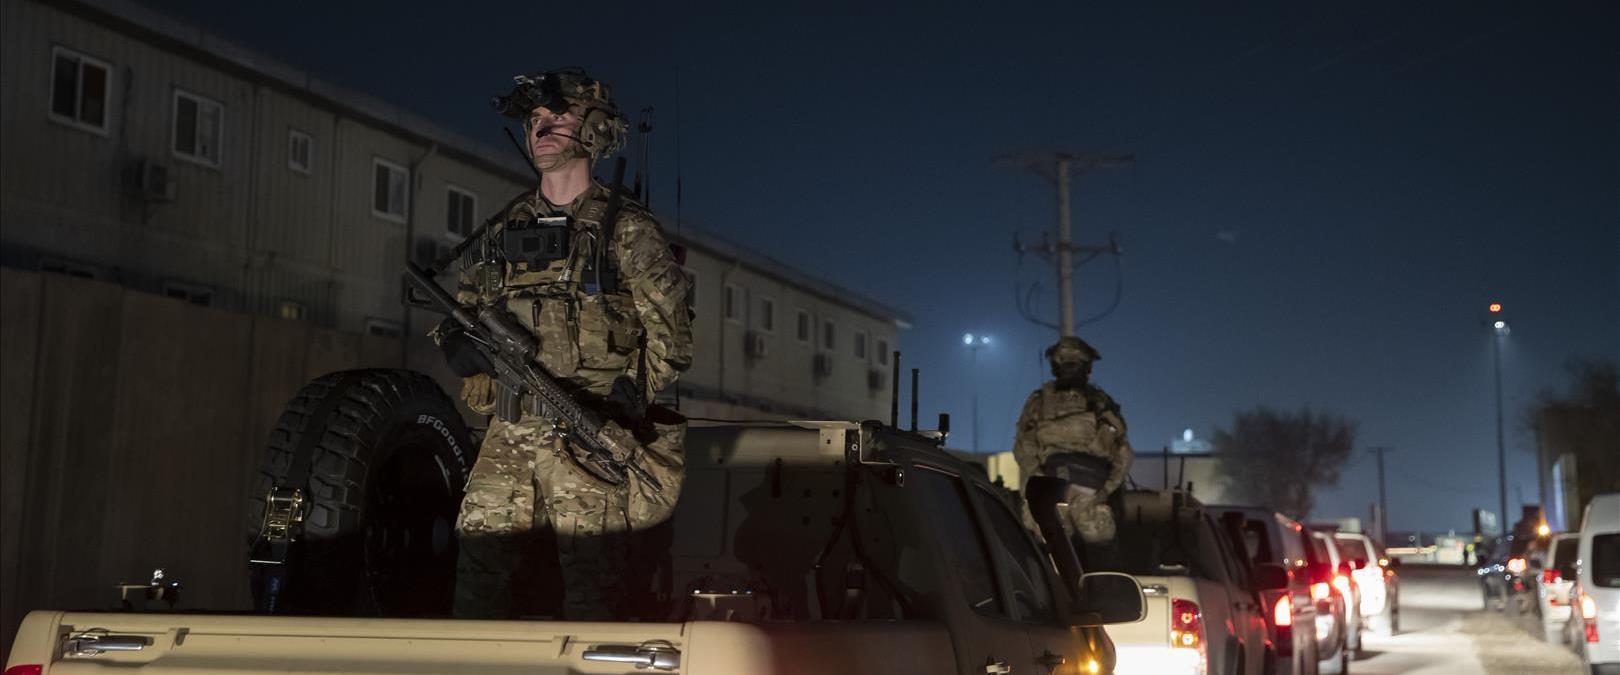 חיילים אמריקנים באפגניסטן, ארכיון